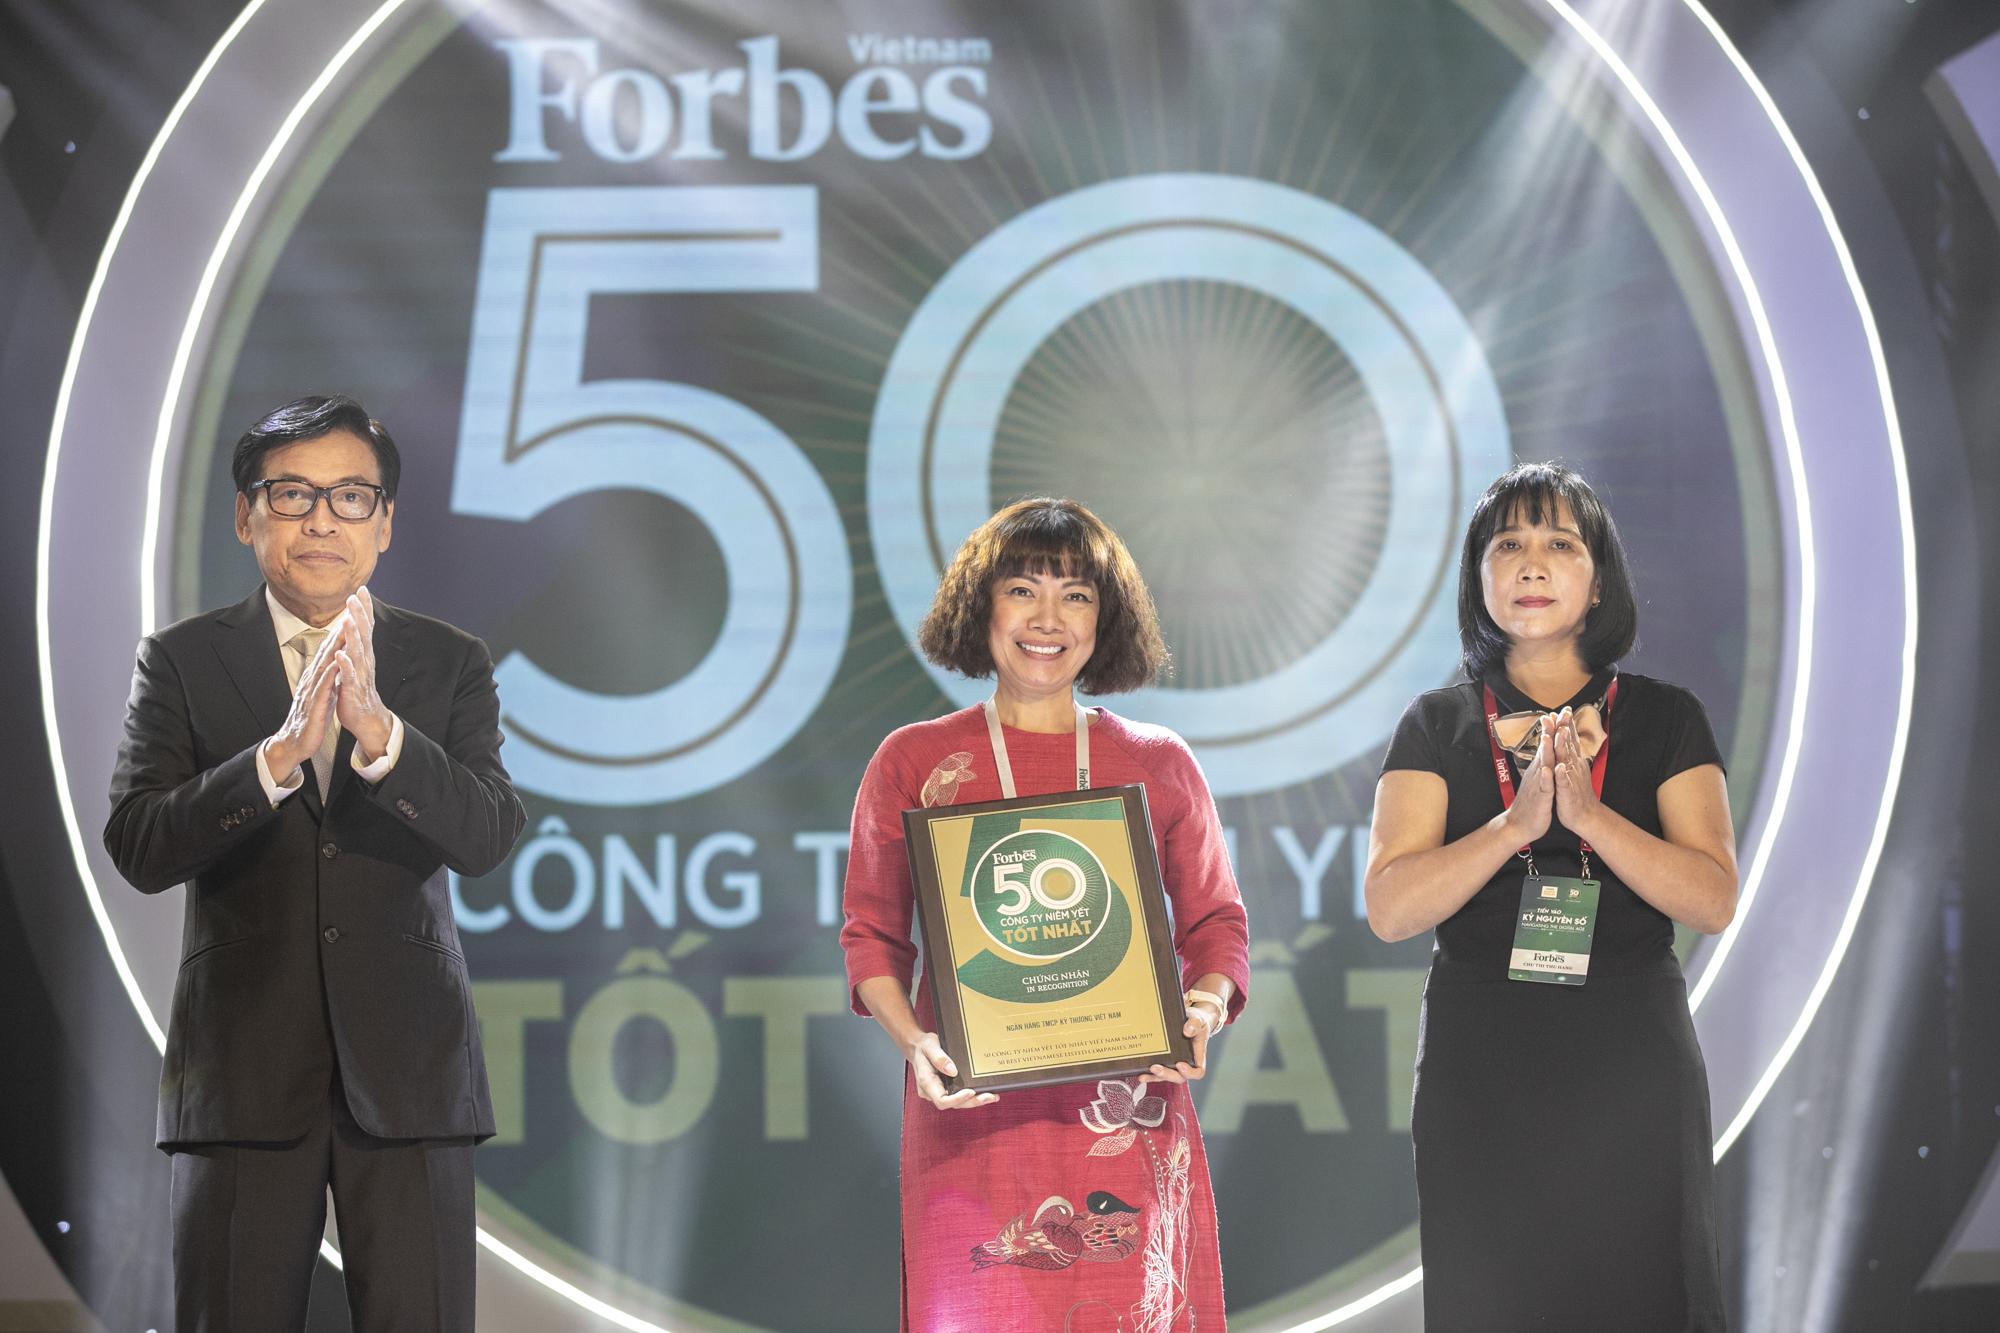 Forbes: Vinh danh Techcombank Top 50 công ty niêm yết tốt nhất Việt Nam  - Ảnh 1